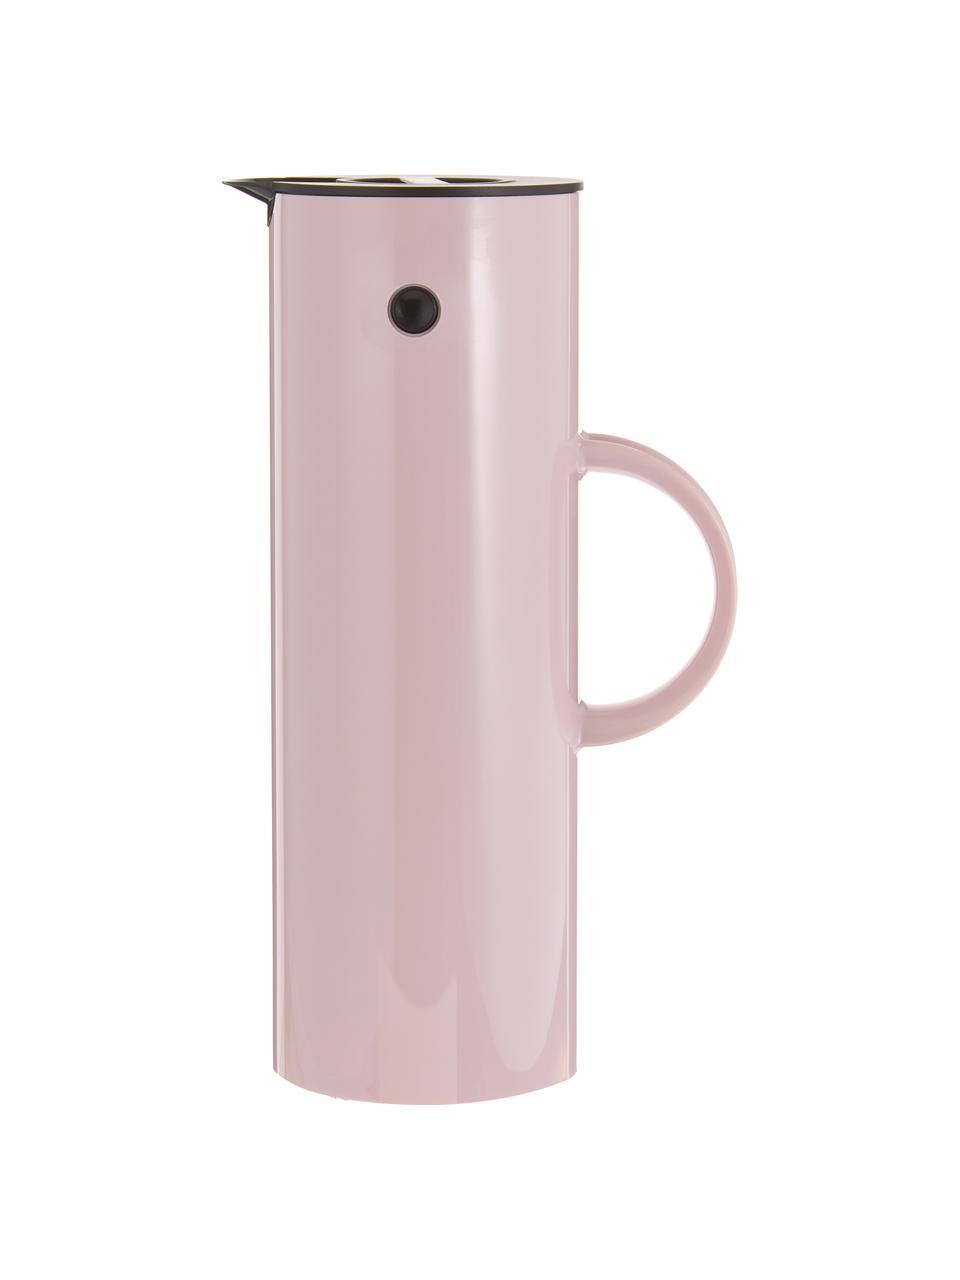 Brocca isotermica rosa lucido EM77, 1 L, Esterno: acciaio inossidabile, riv, Interno: materiale sintetico ABS c, Lavanda, 1 L